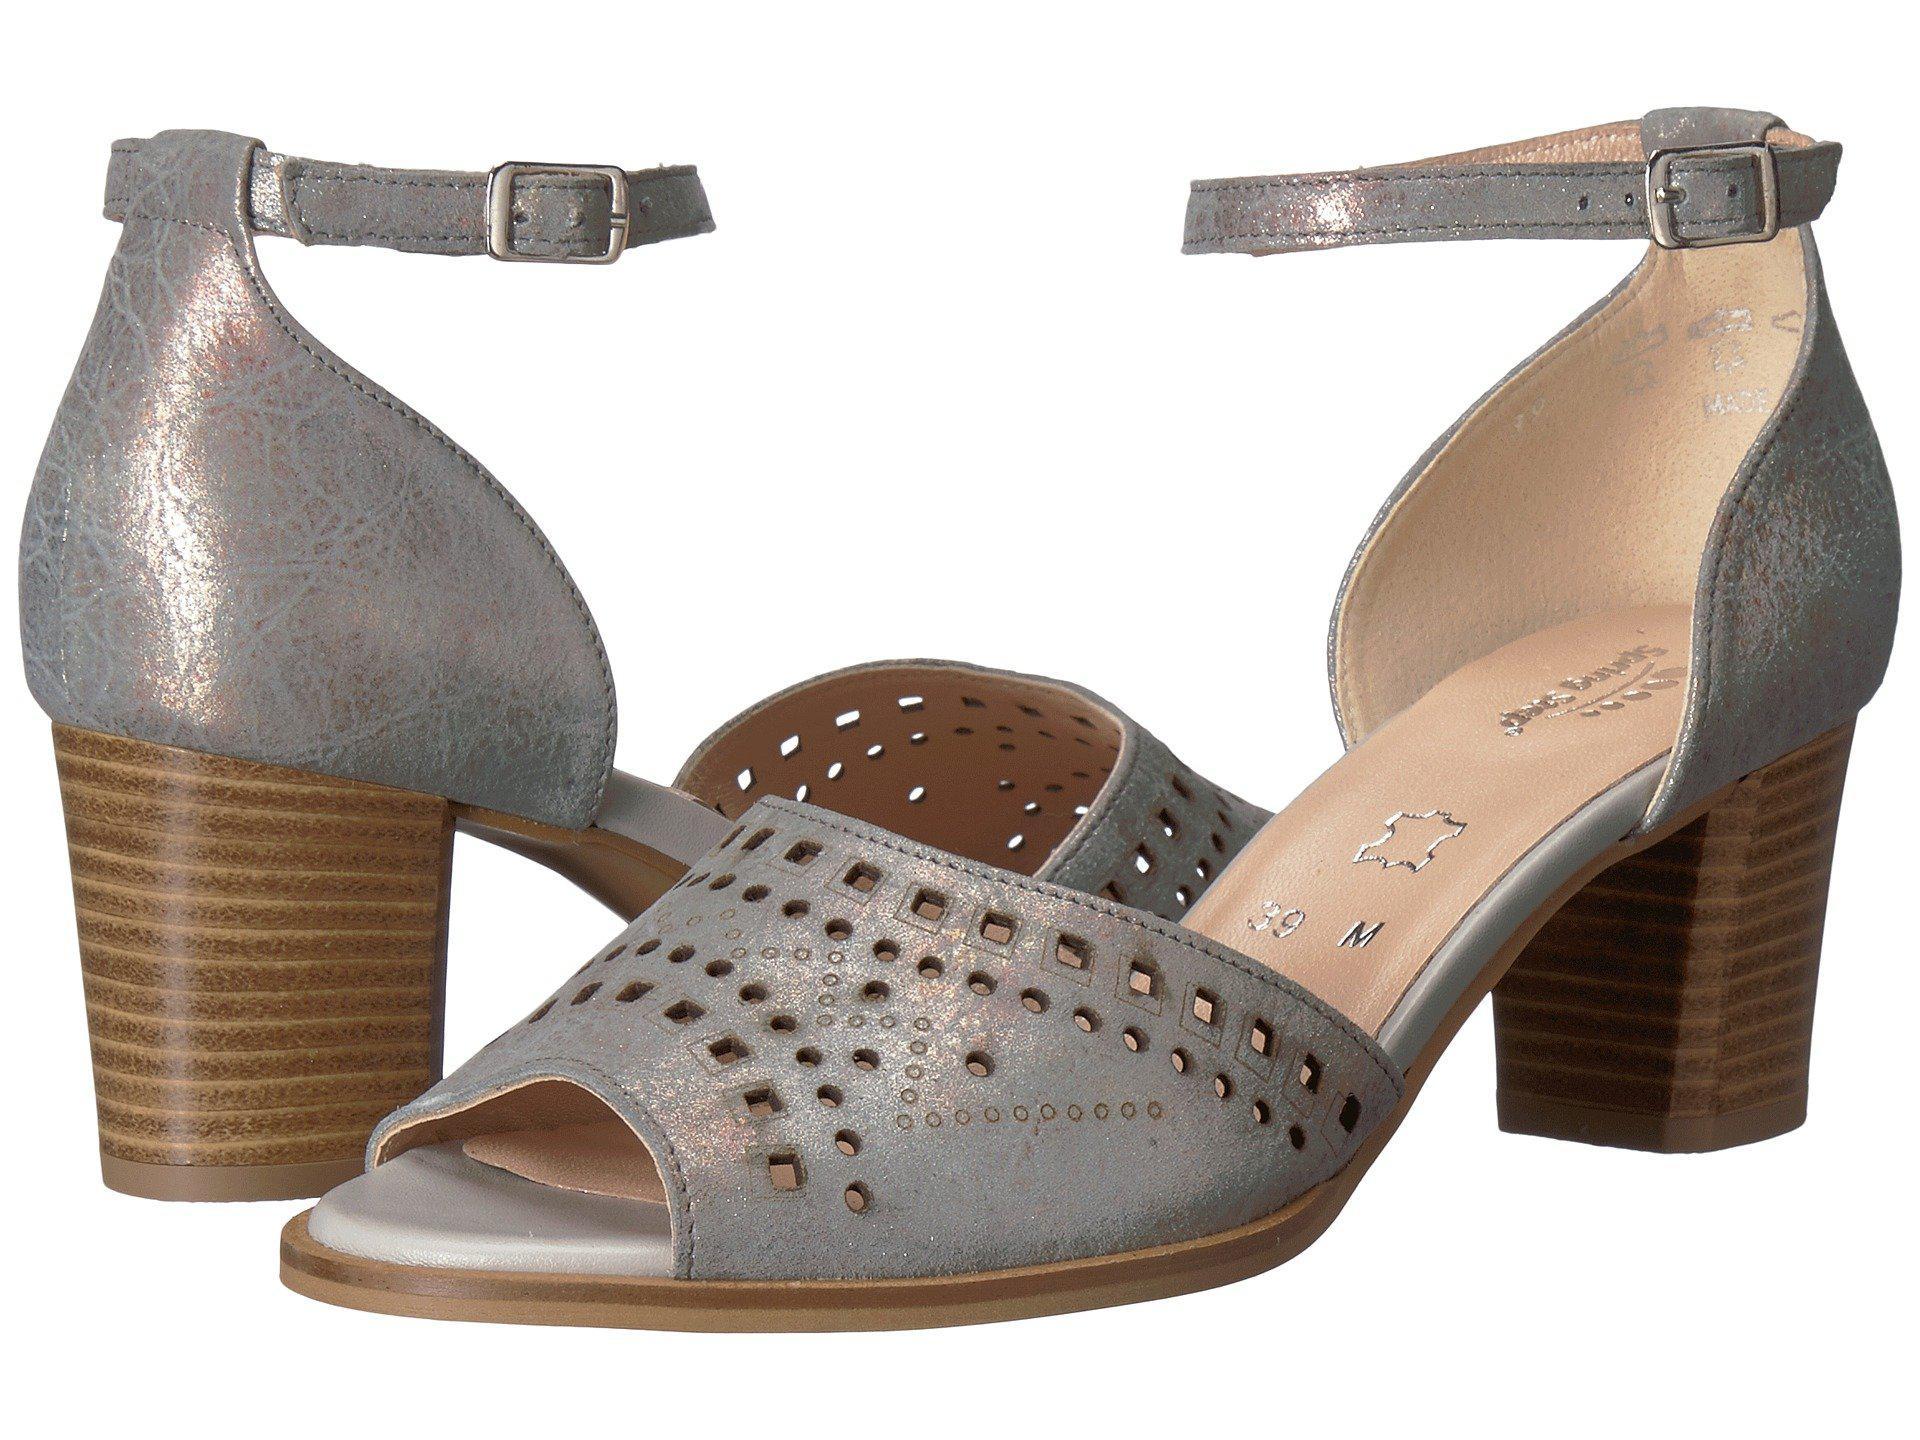 Spring Step Kanisha Ankle Strap Sandal (Women's) SnnTuMl